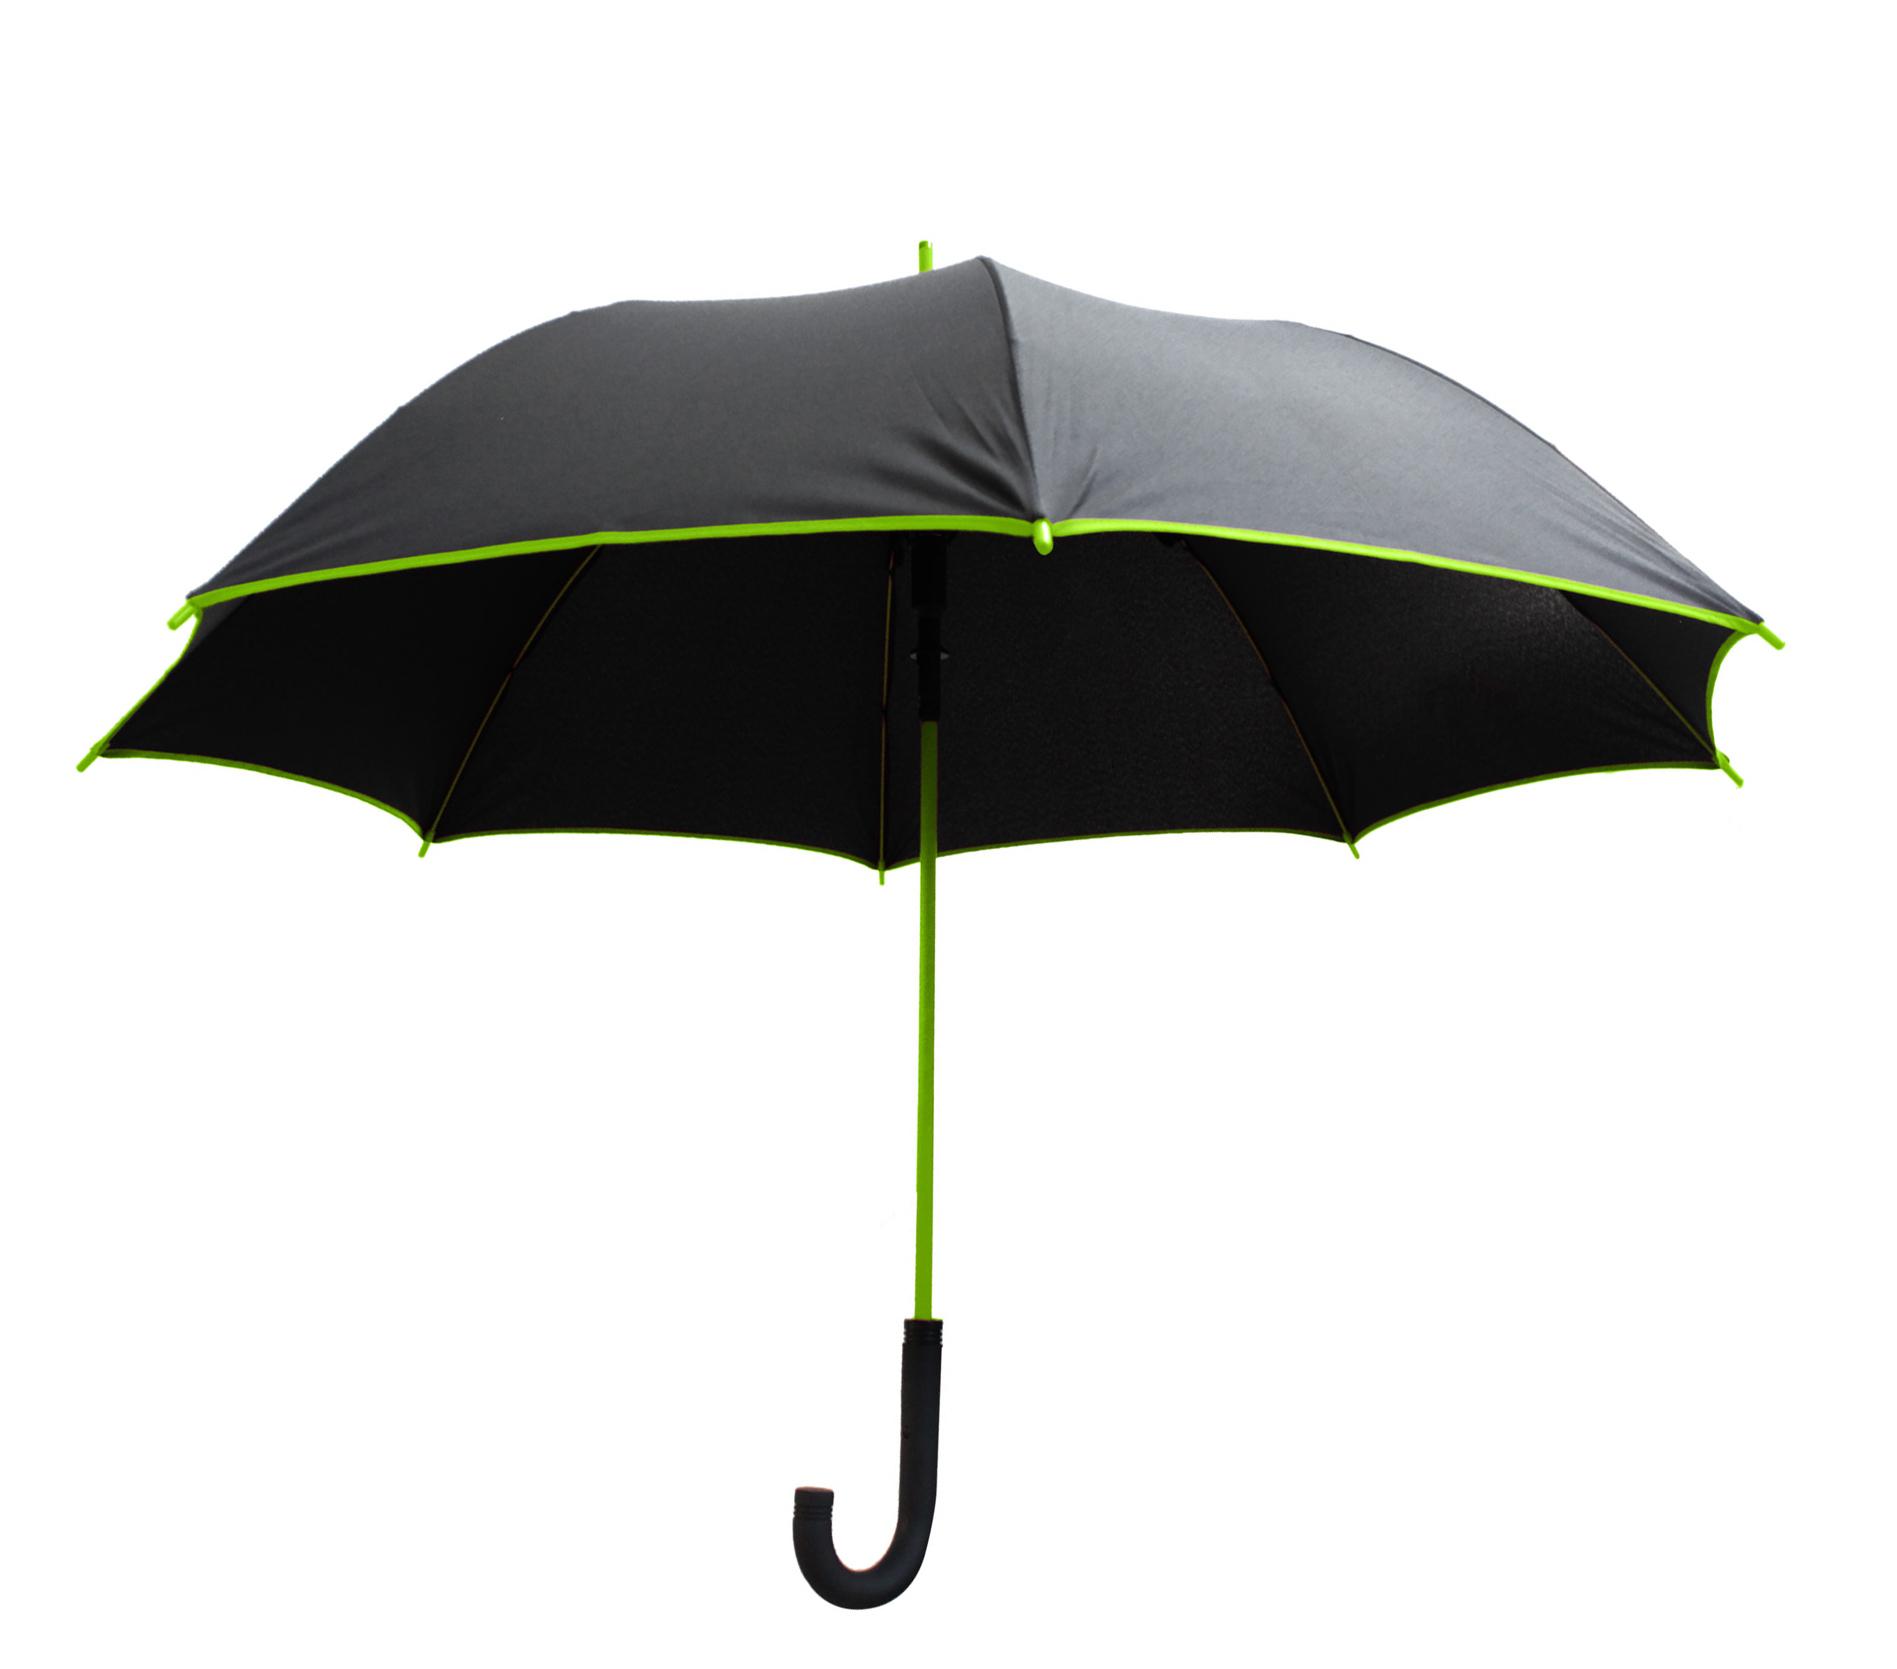 Parapluie Black Colour - 13-1036-13